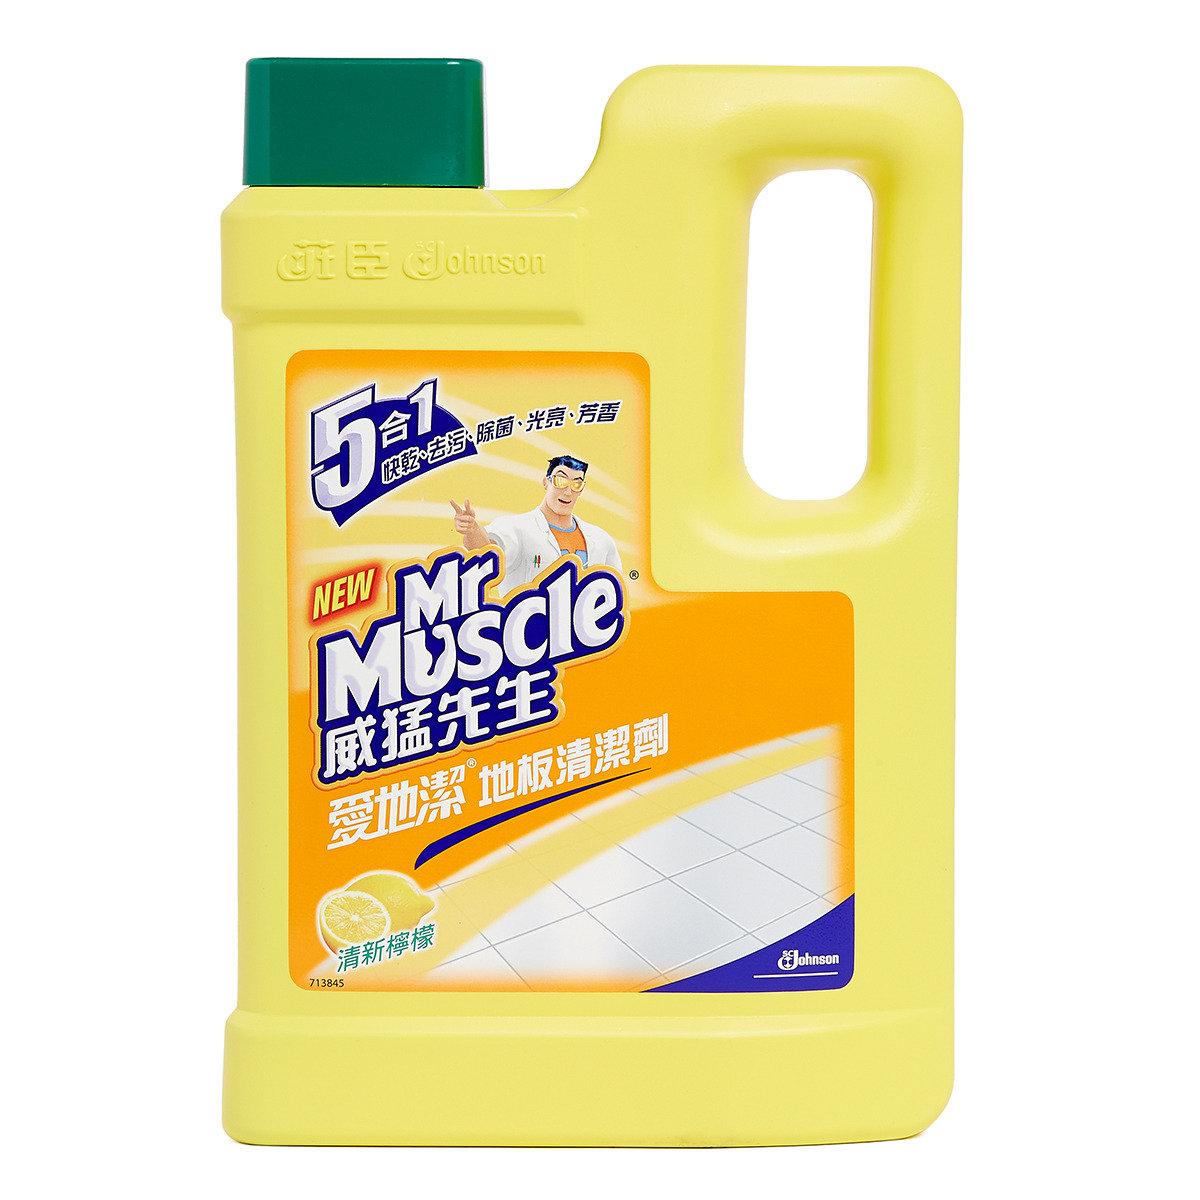 愛地潔地板清潔劑 - 清新檸檬